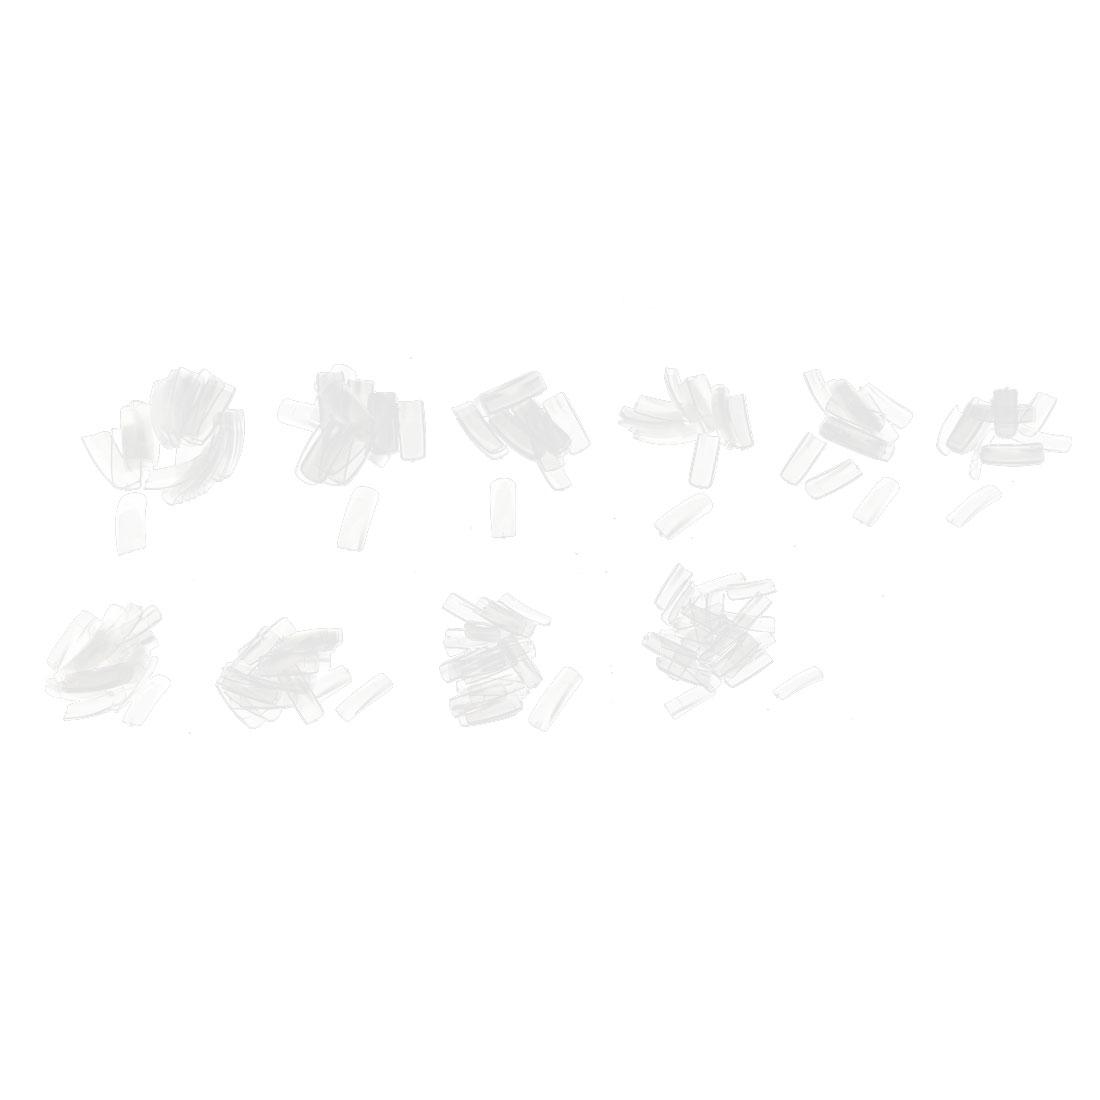 500 Pcs Clear Plastic Rectangle False Nail Art Fingernail Tips 10 Size